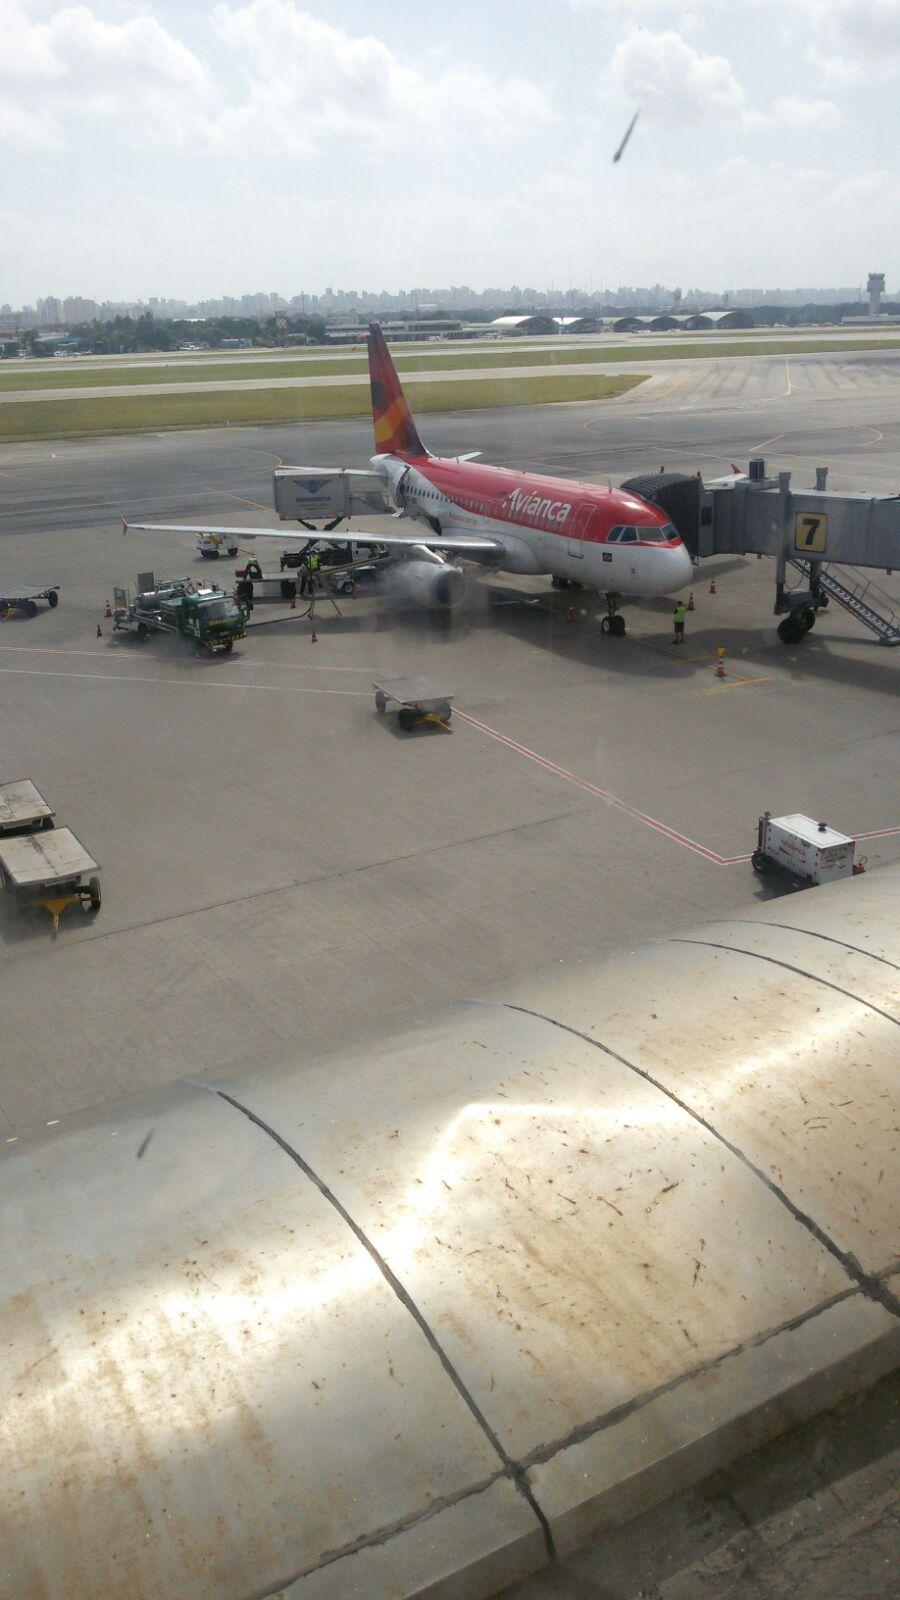 Ufólogo acredita que imagens de supostos OVNIs sobre o aeroporto de Fortaleza são reais